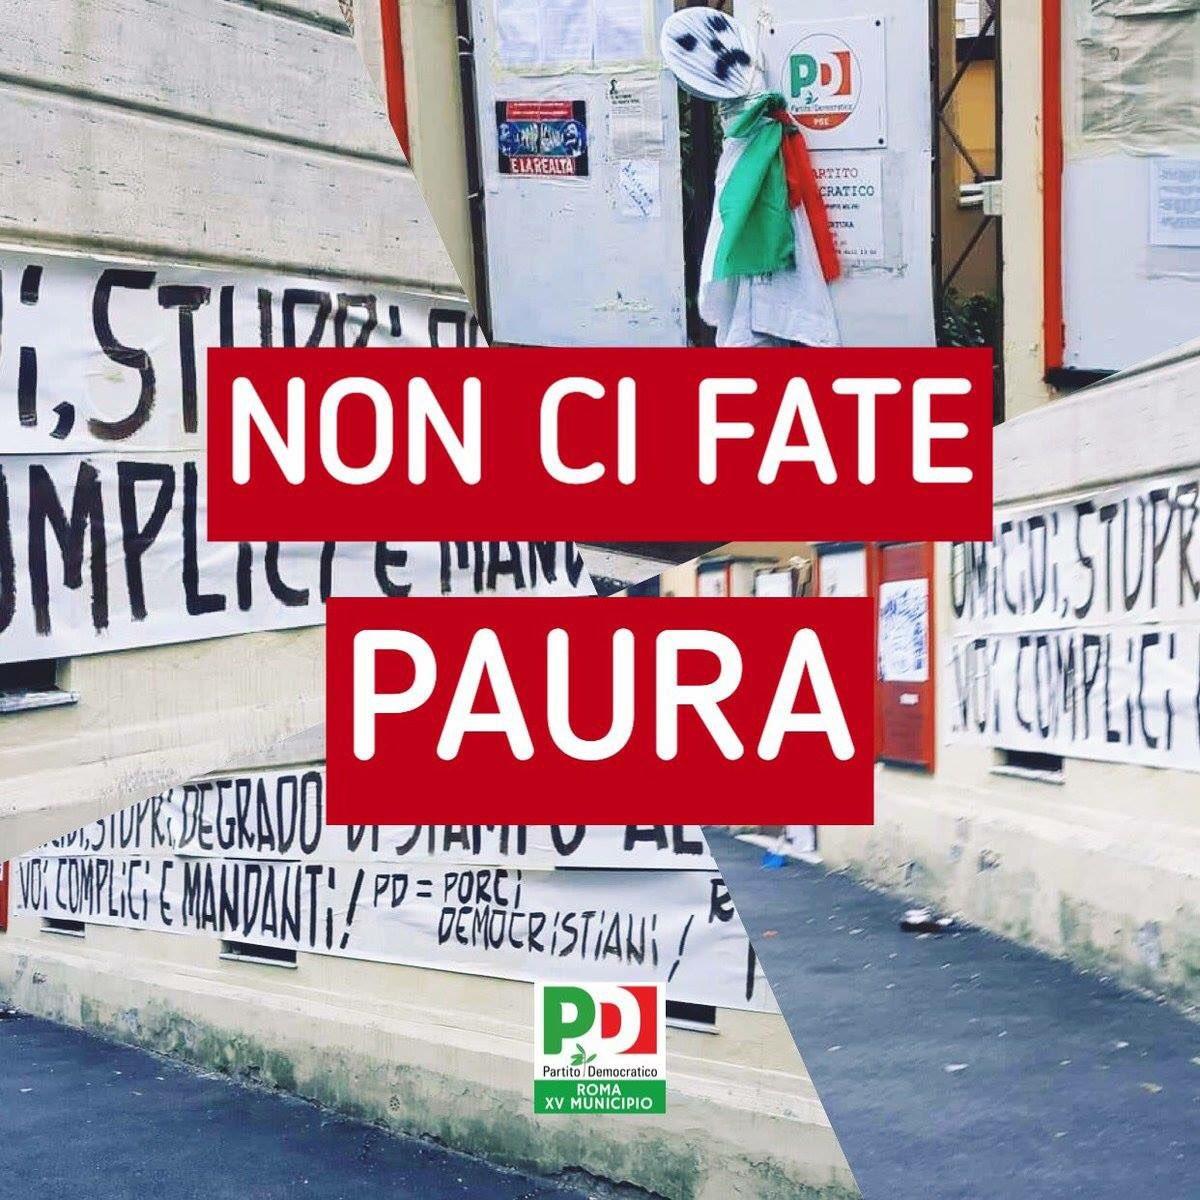 L'Unione provinciale di #Trapani esprime solidarietà al Circolo #Pd di #PonteMilvio per il vile atto intimidatorio di questa notte.Continueremo il nostro impegno nei territori per essere da argine a qualsiasi deriva fascista.  - Ukustom